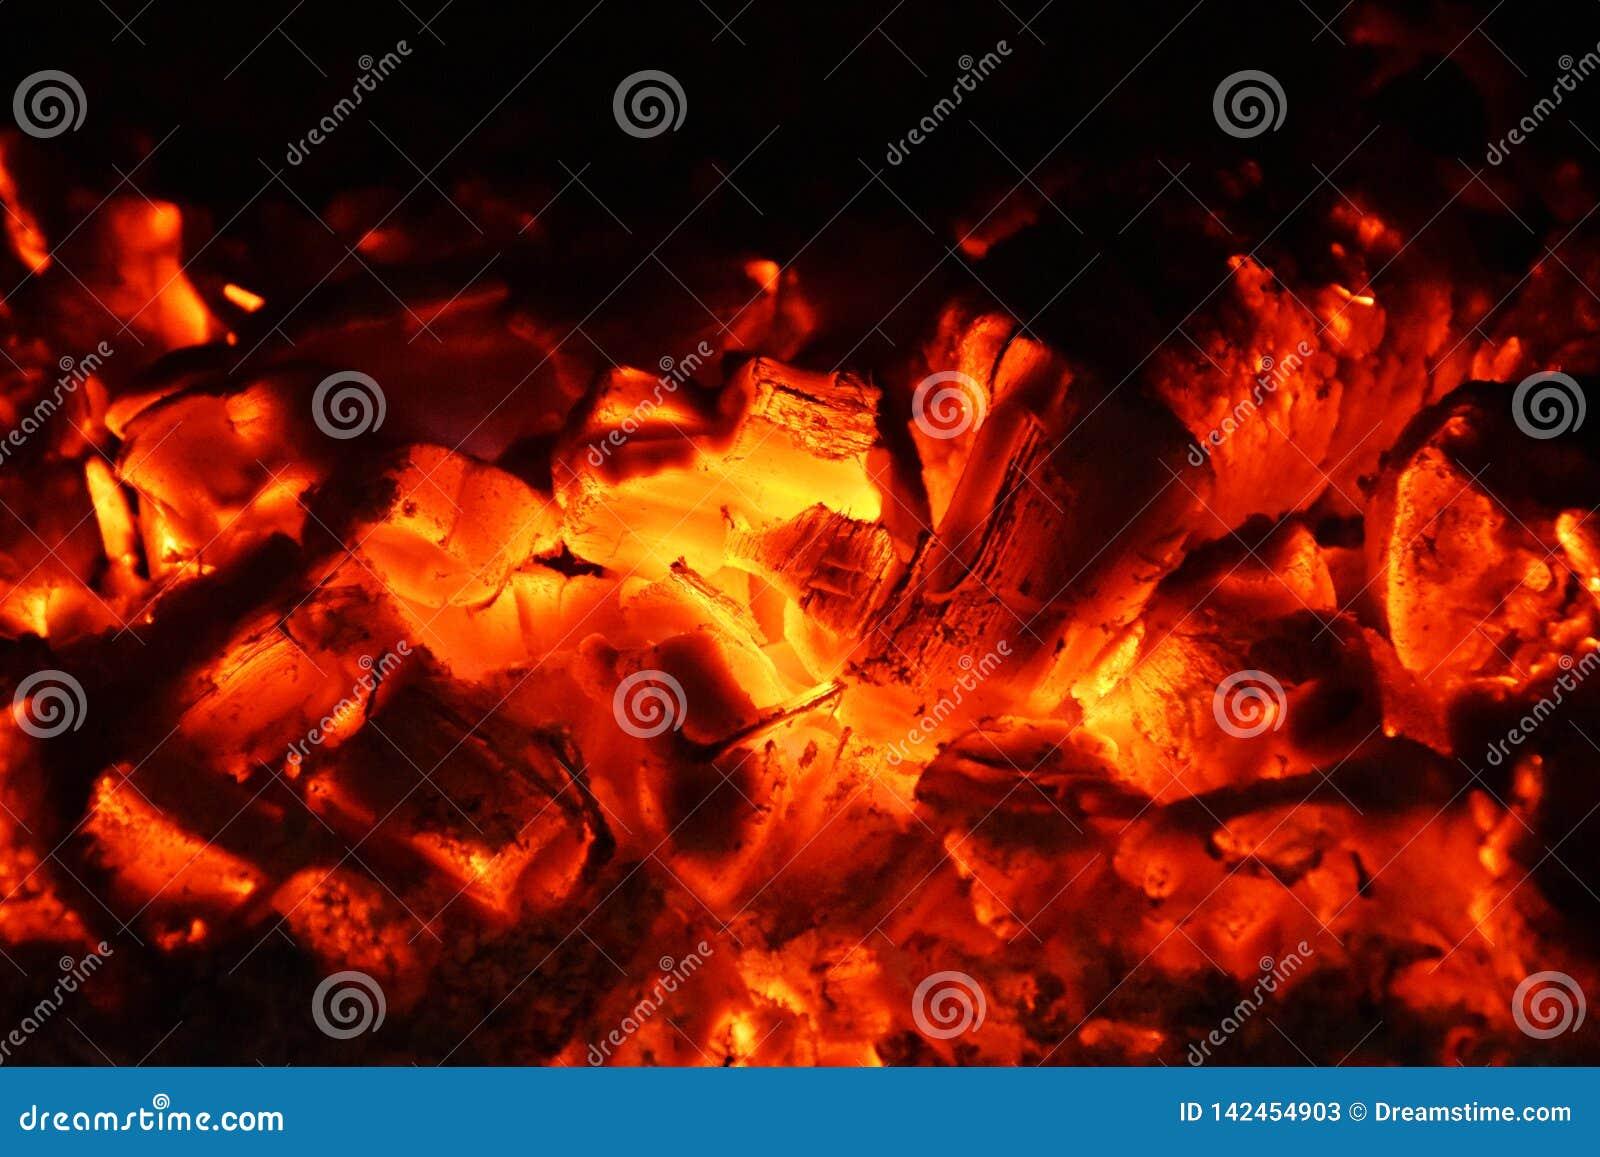 Płonący drewniany węgiel, płonąca atmosfera, upał